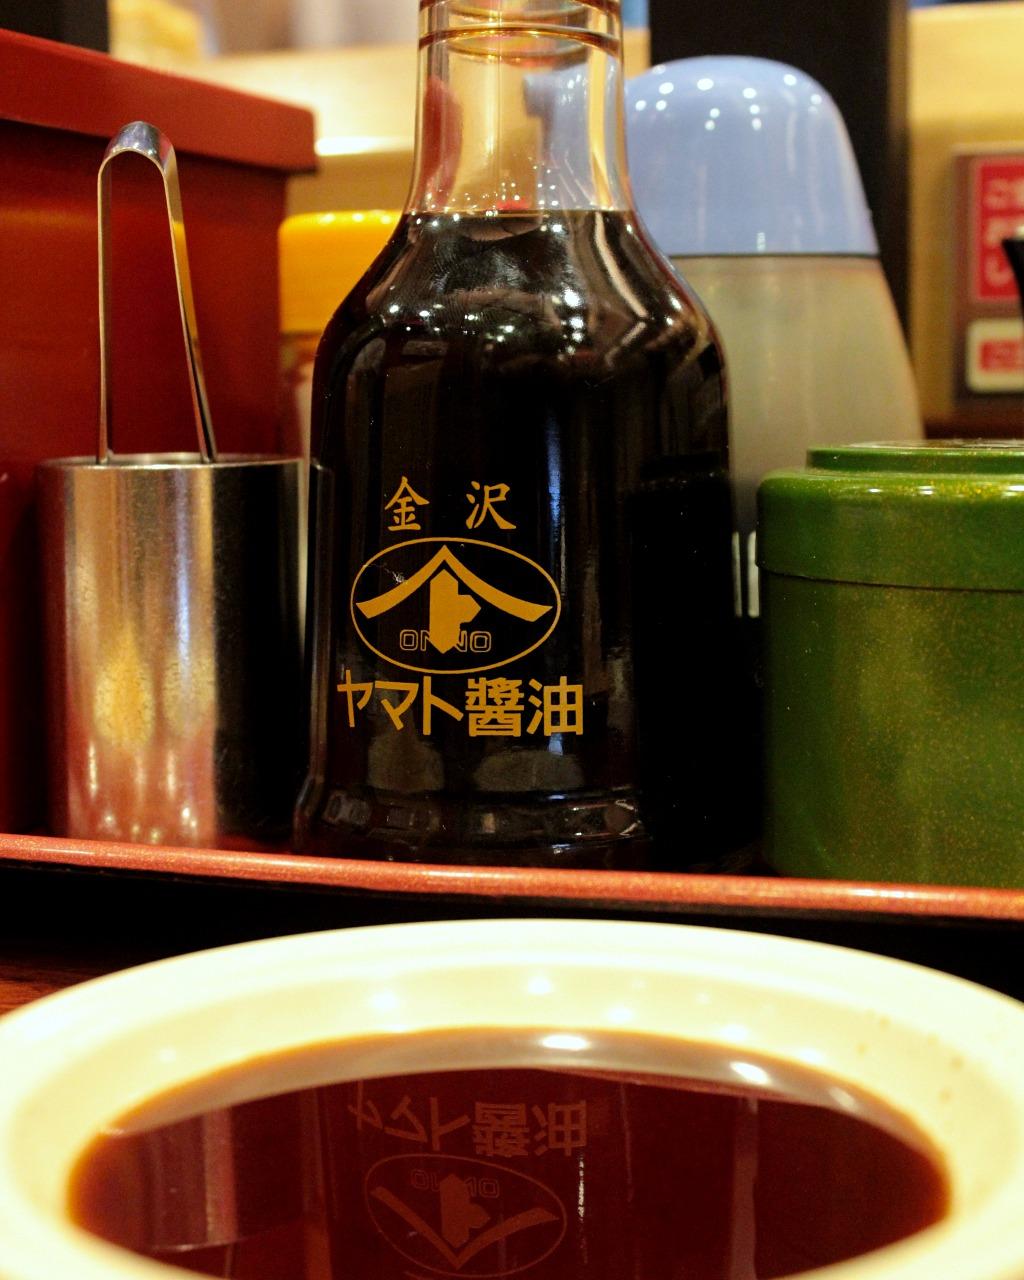 Yamato Soy Sauce, a locally made sushi condiment in Kanazawa, Japan